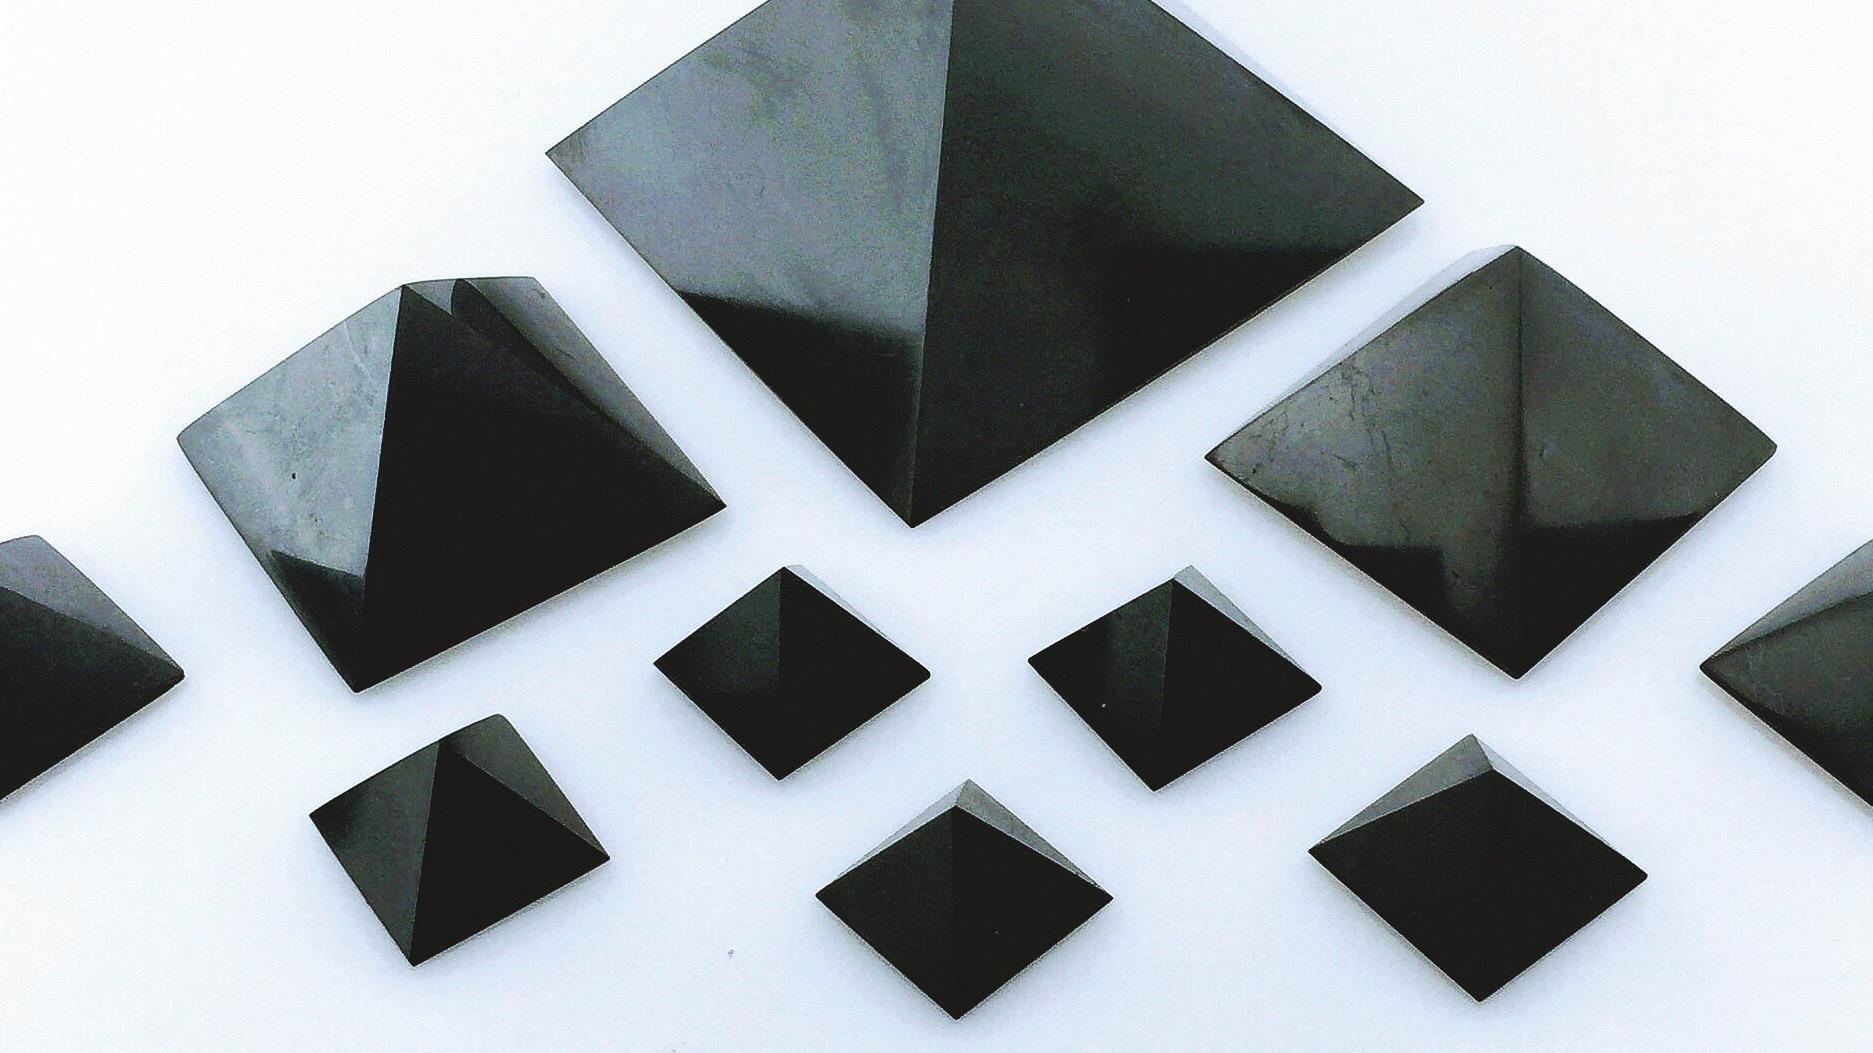 Sungit pyramidy